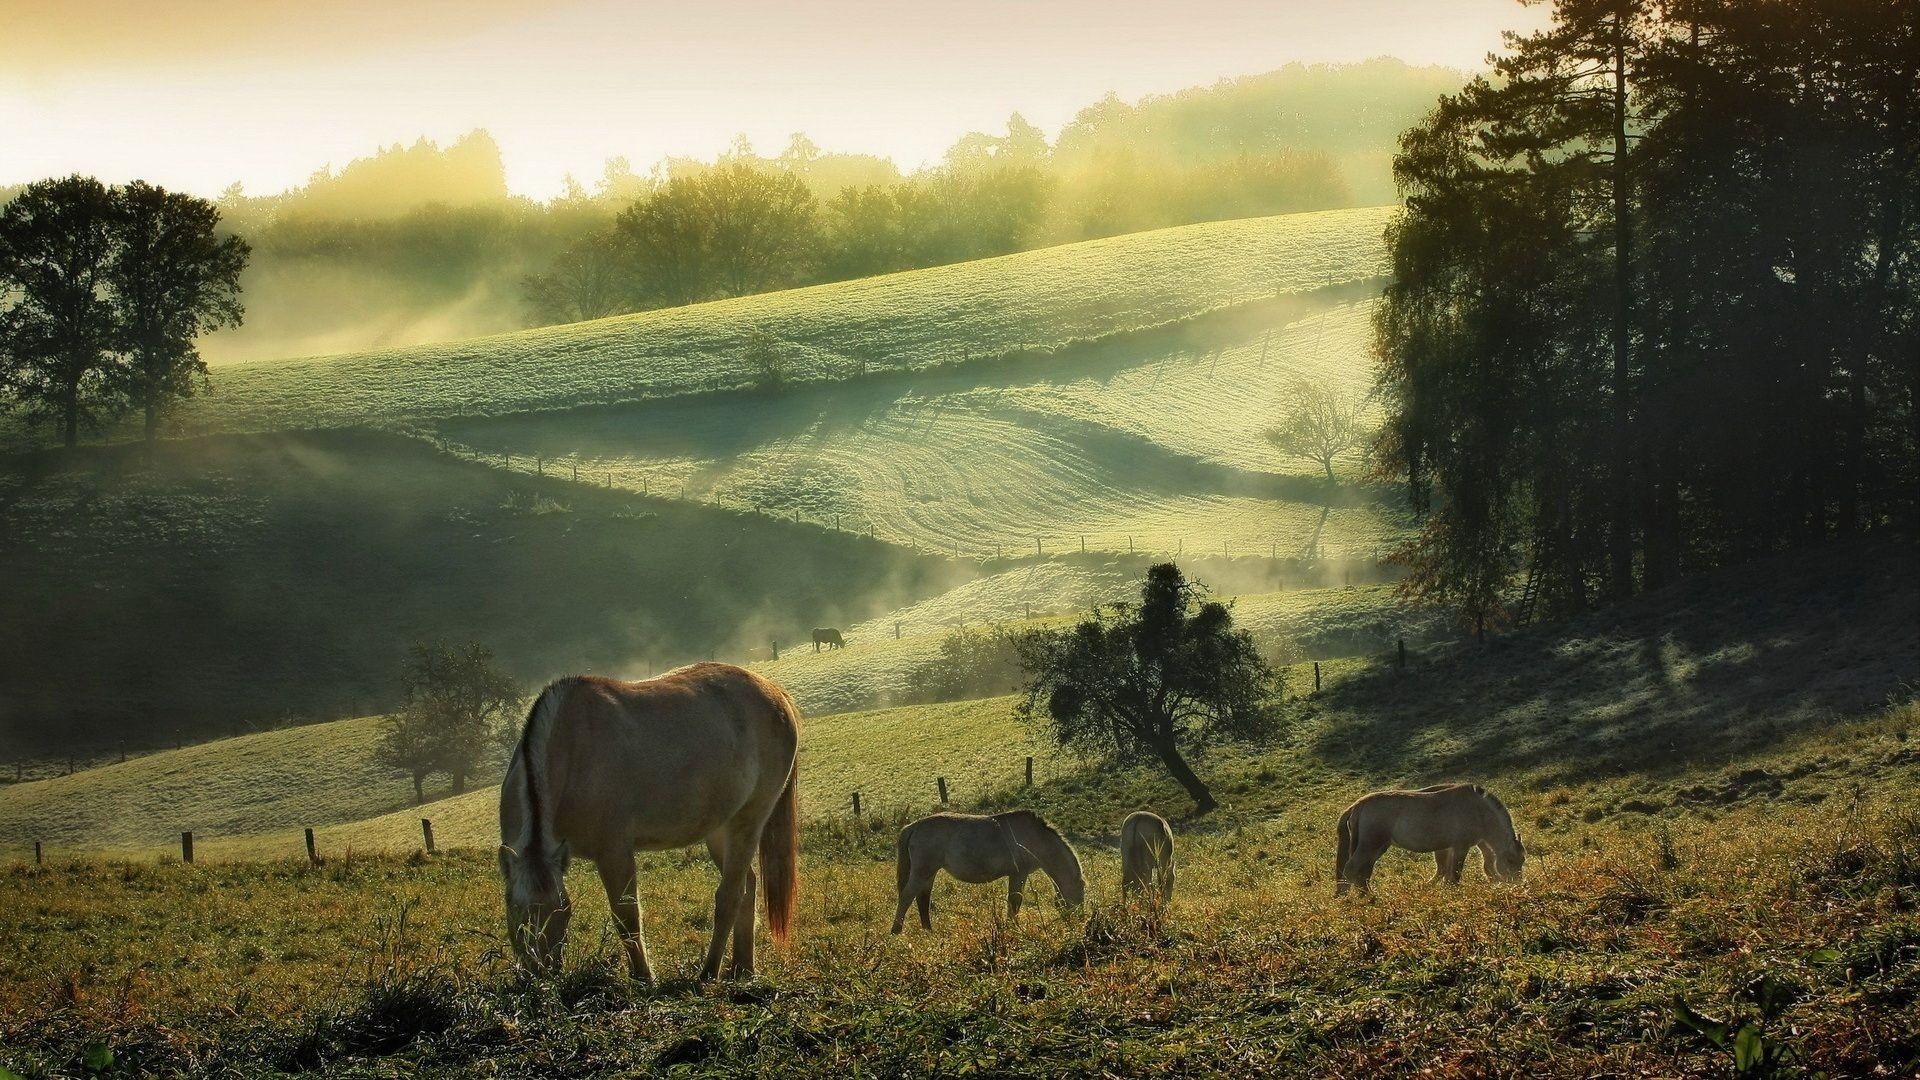 Download Wallpaper Horse Summer - 17bb2e63a5d68c2acb494e6cd0153722  You Should Have_151130.jpg